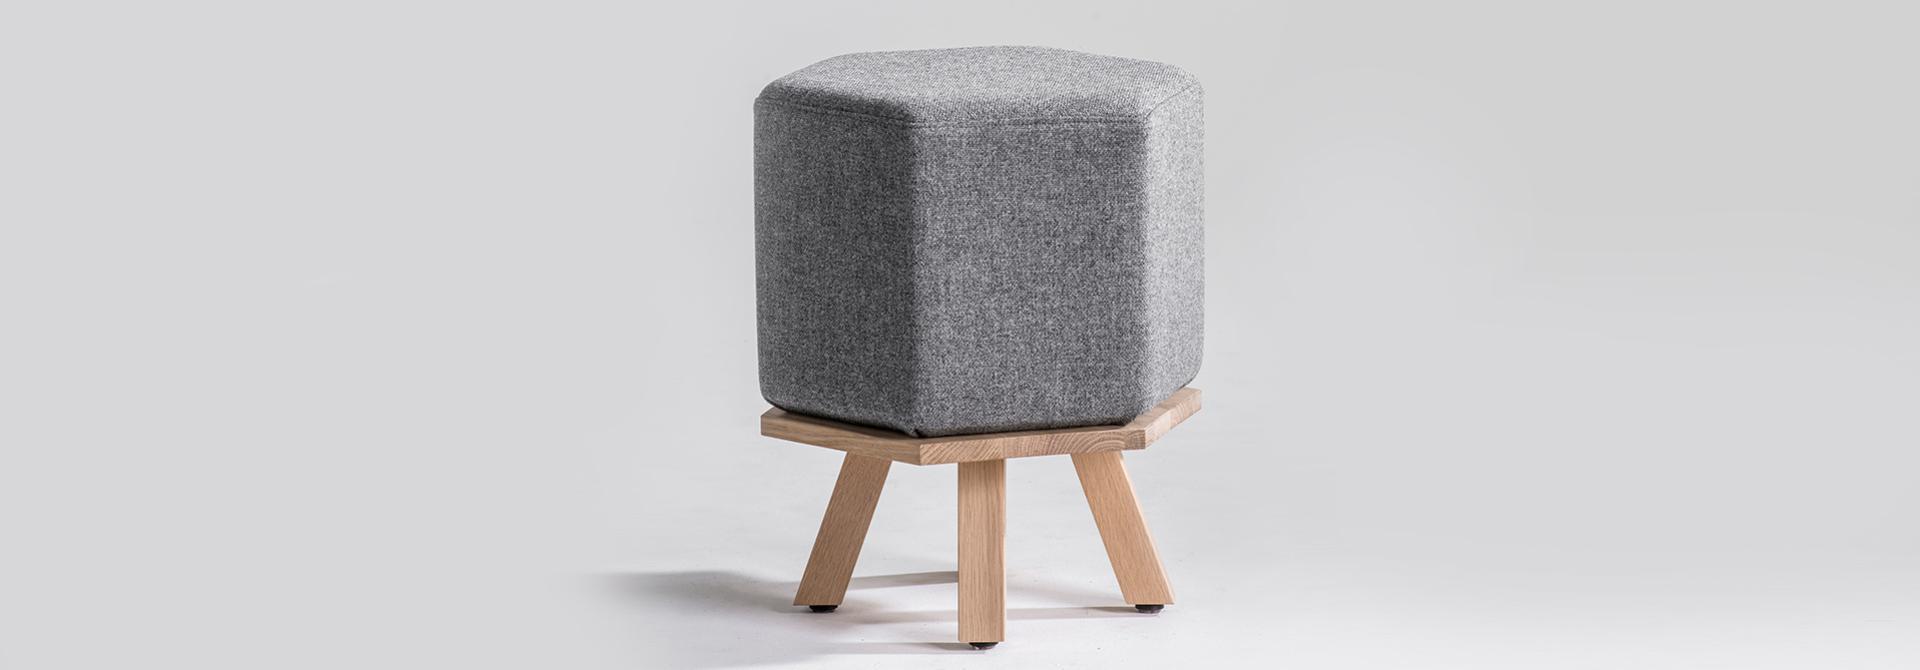 Pouf Hex gris avec pieds en bois